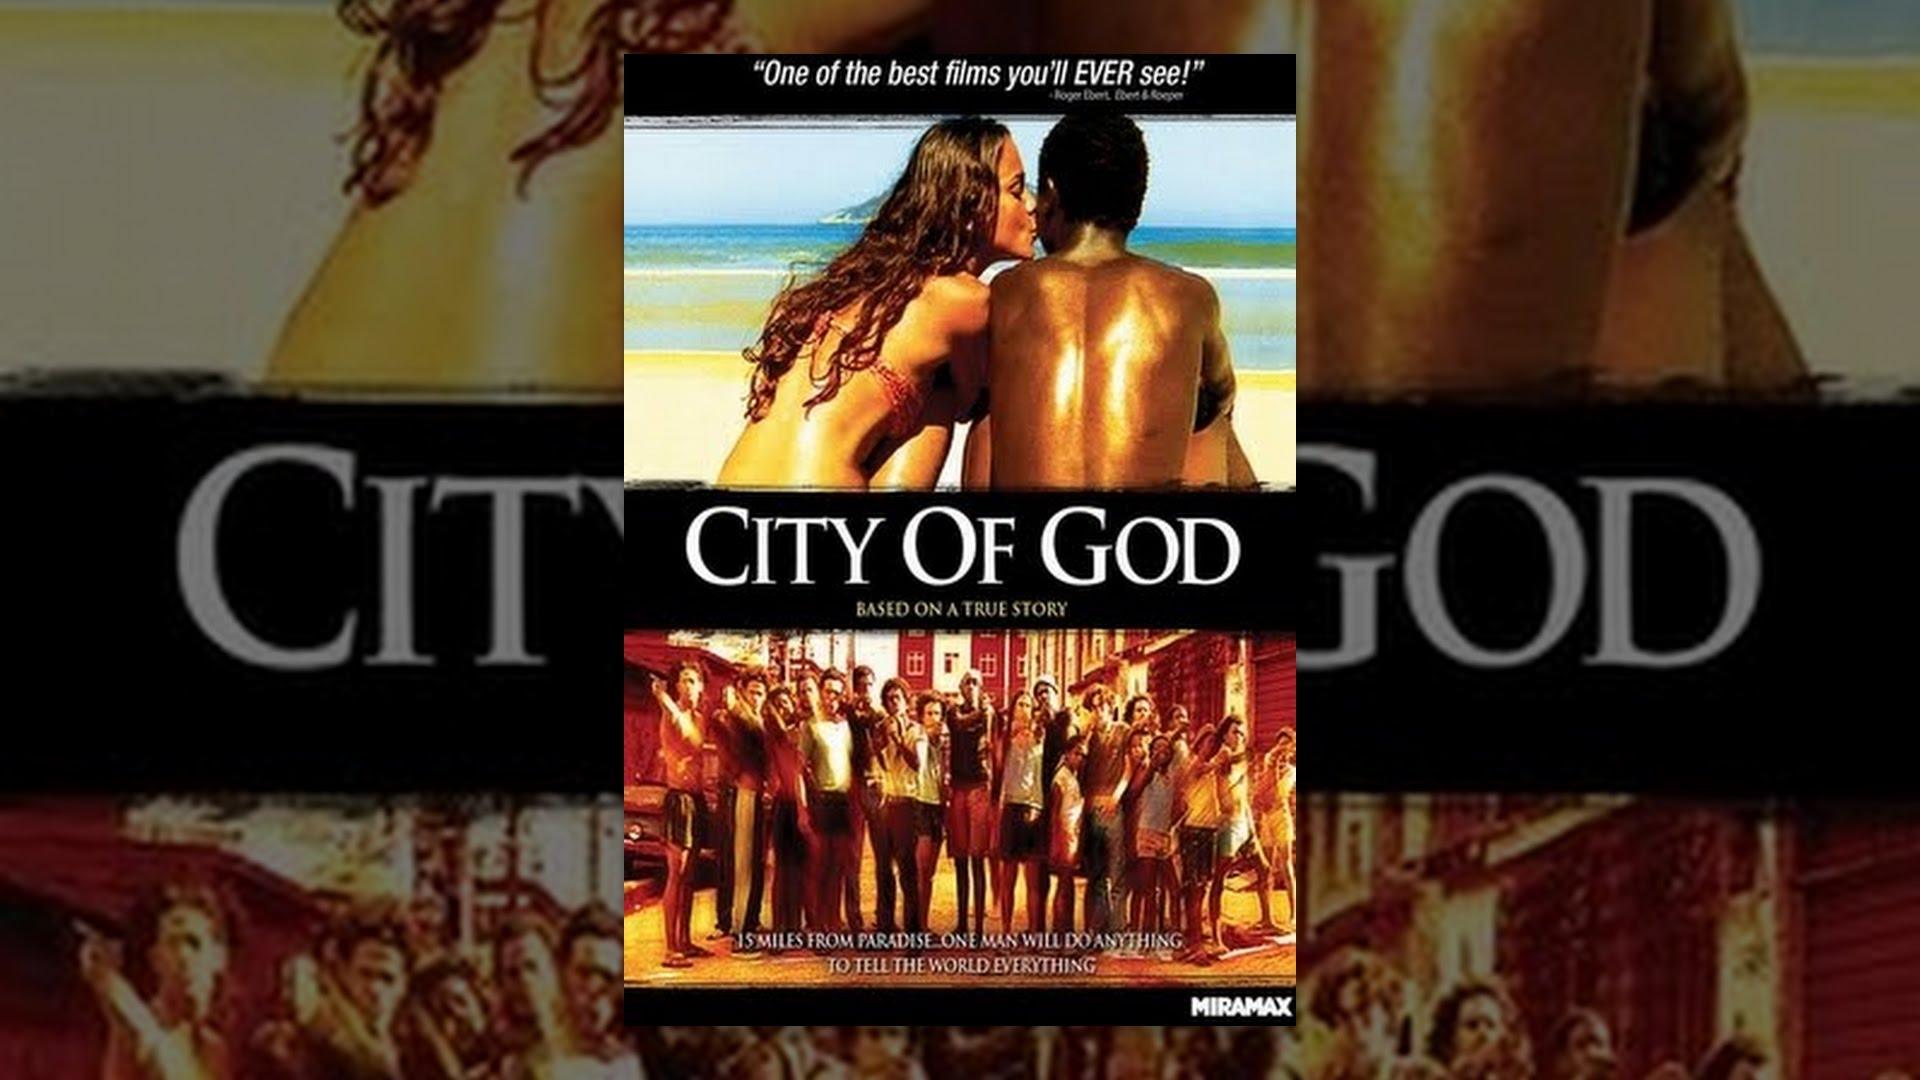 city of god movie4k